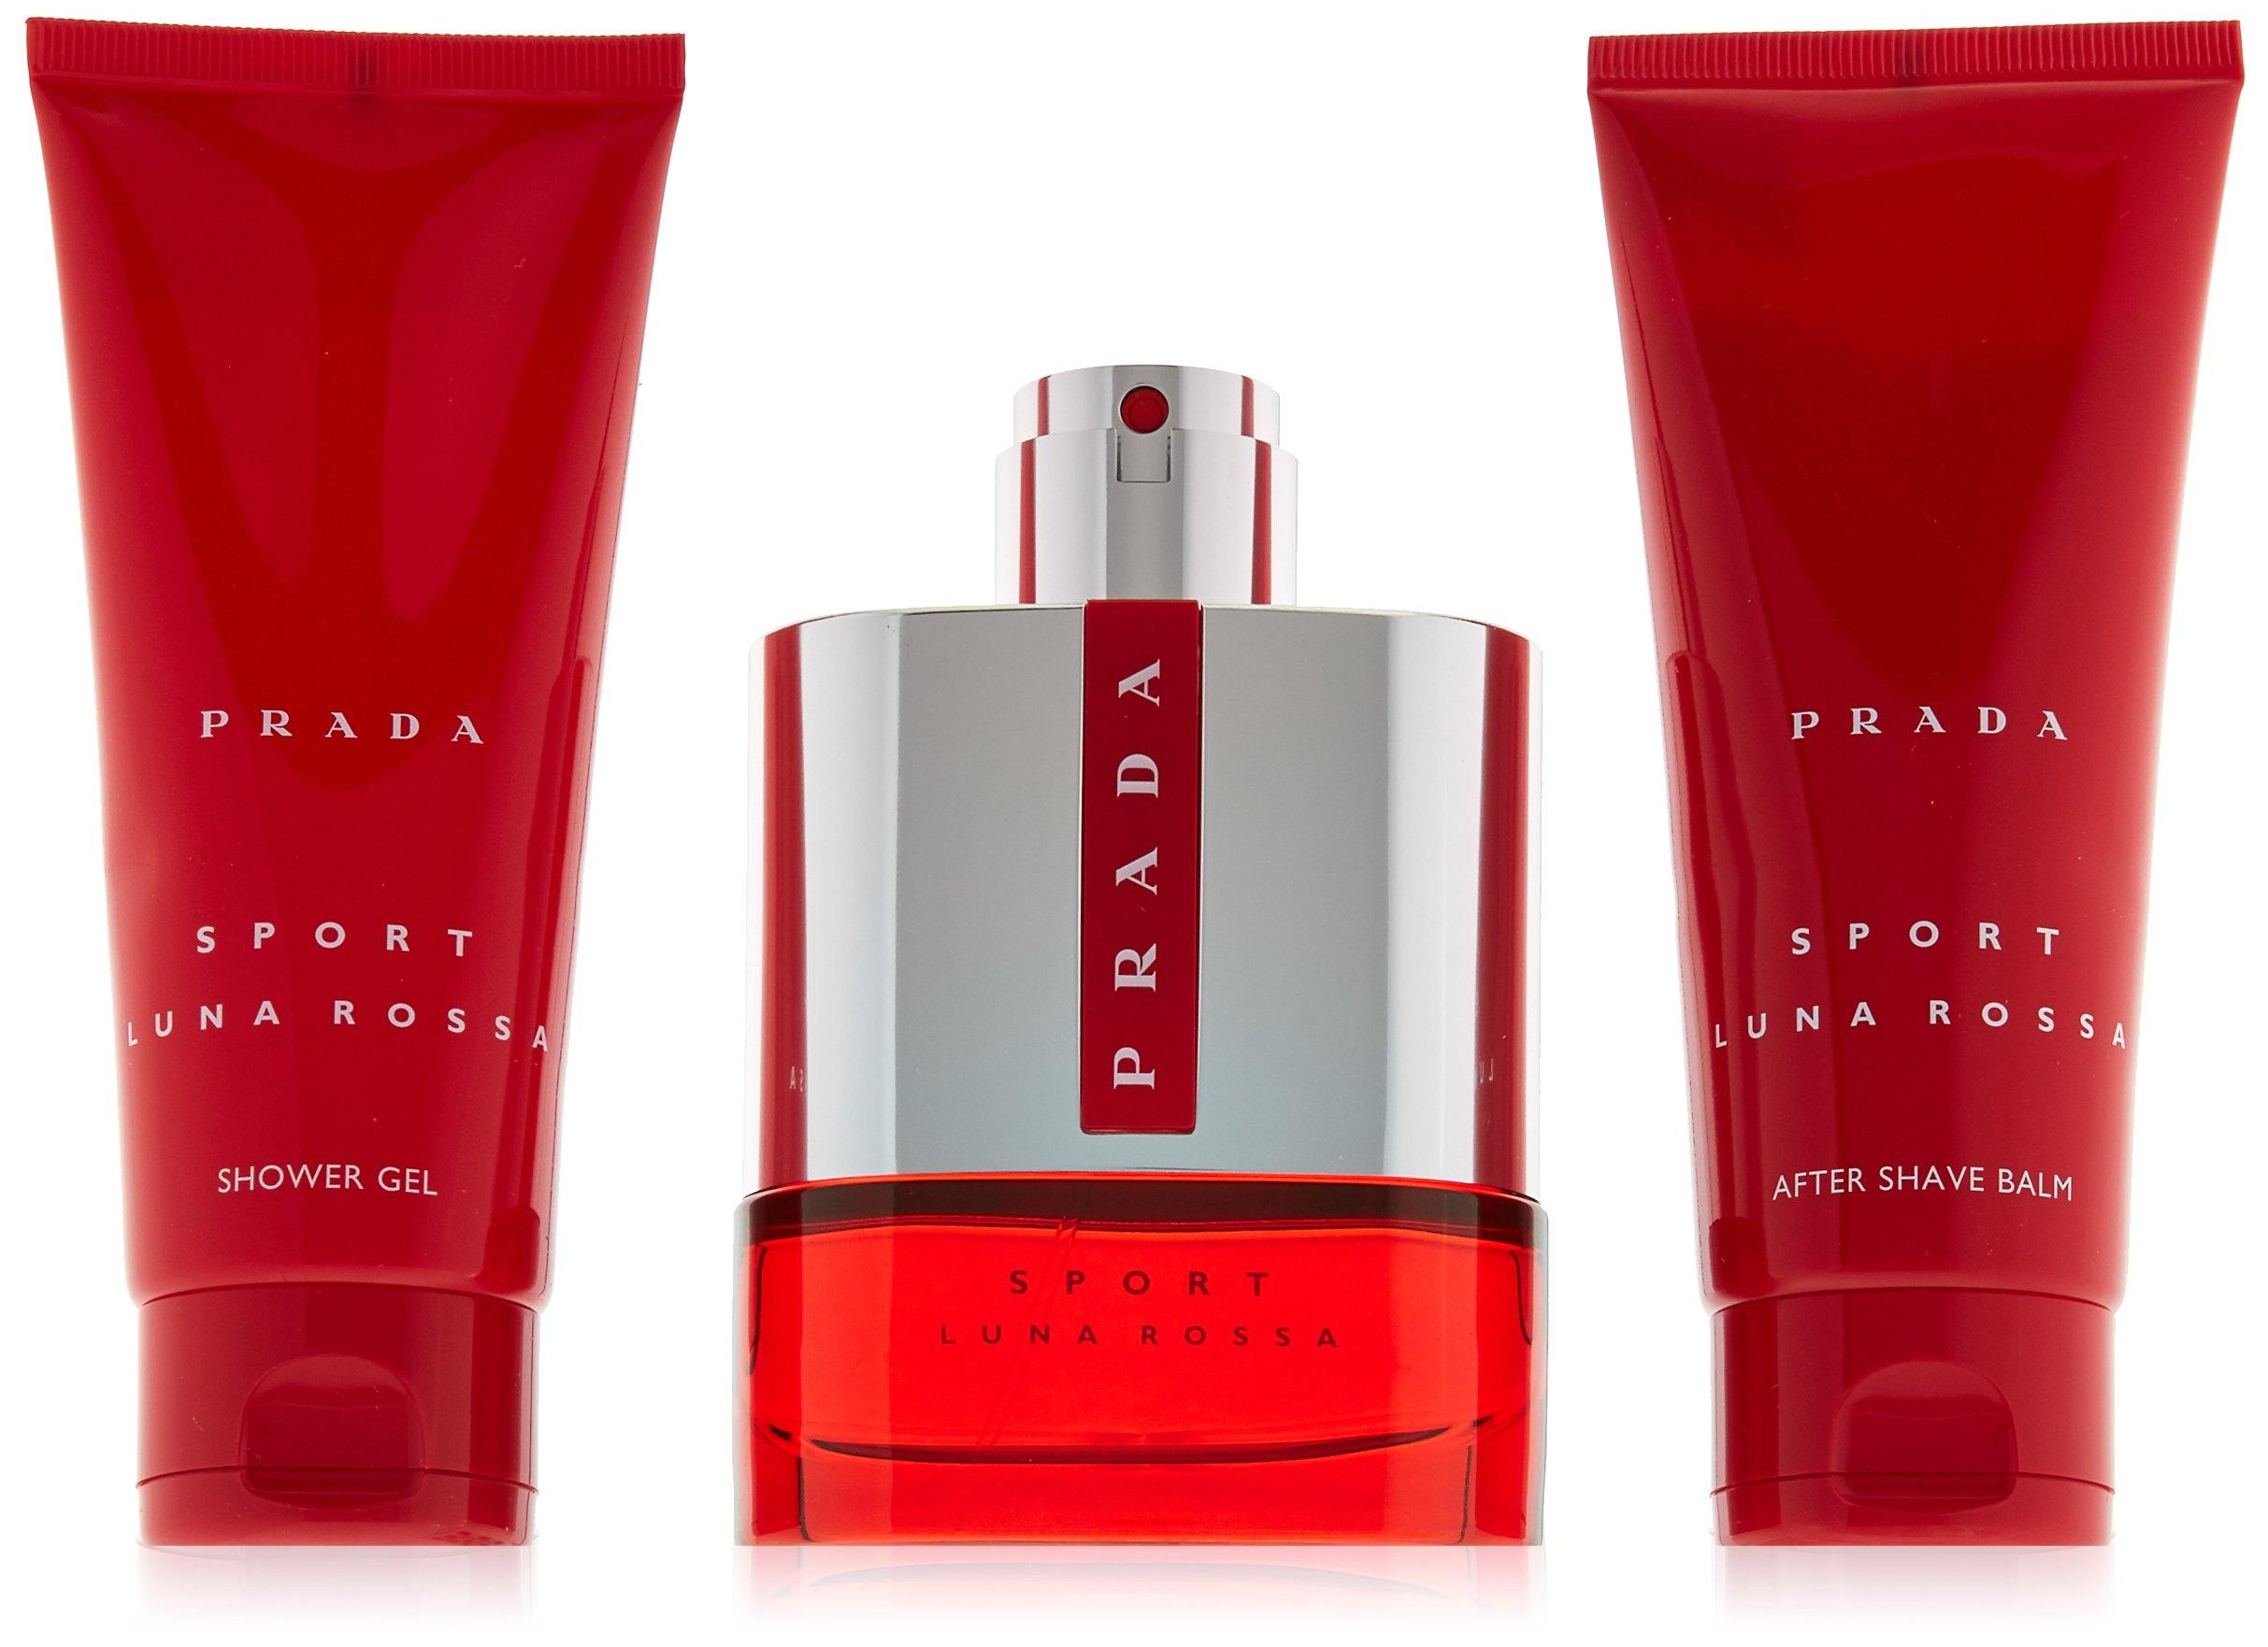 Prada Luna Rossa Sport for Men 3 PC (3.4 Eau De Toilette / 3.4 shower gel / 3.4 after shave balm)